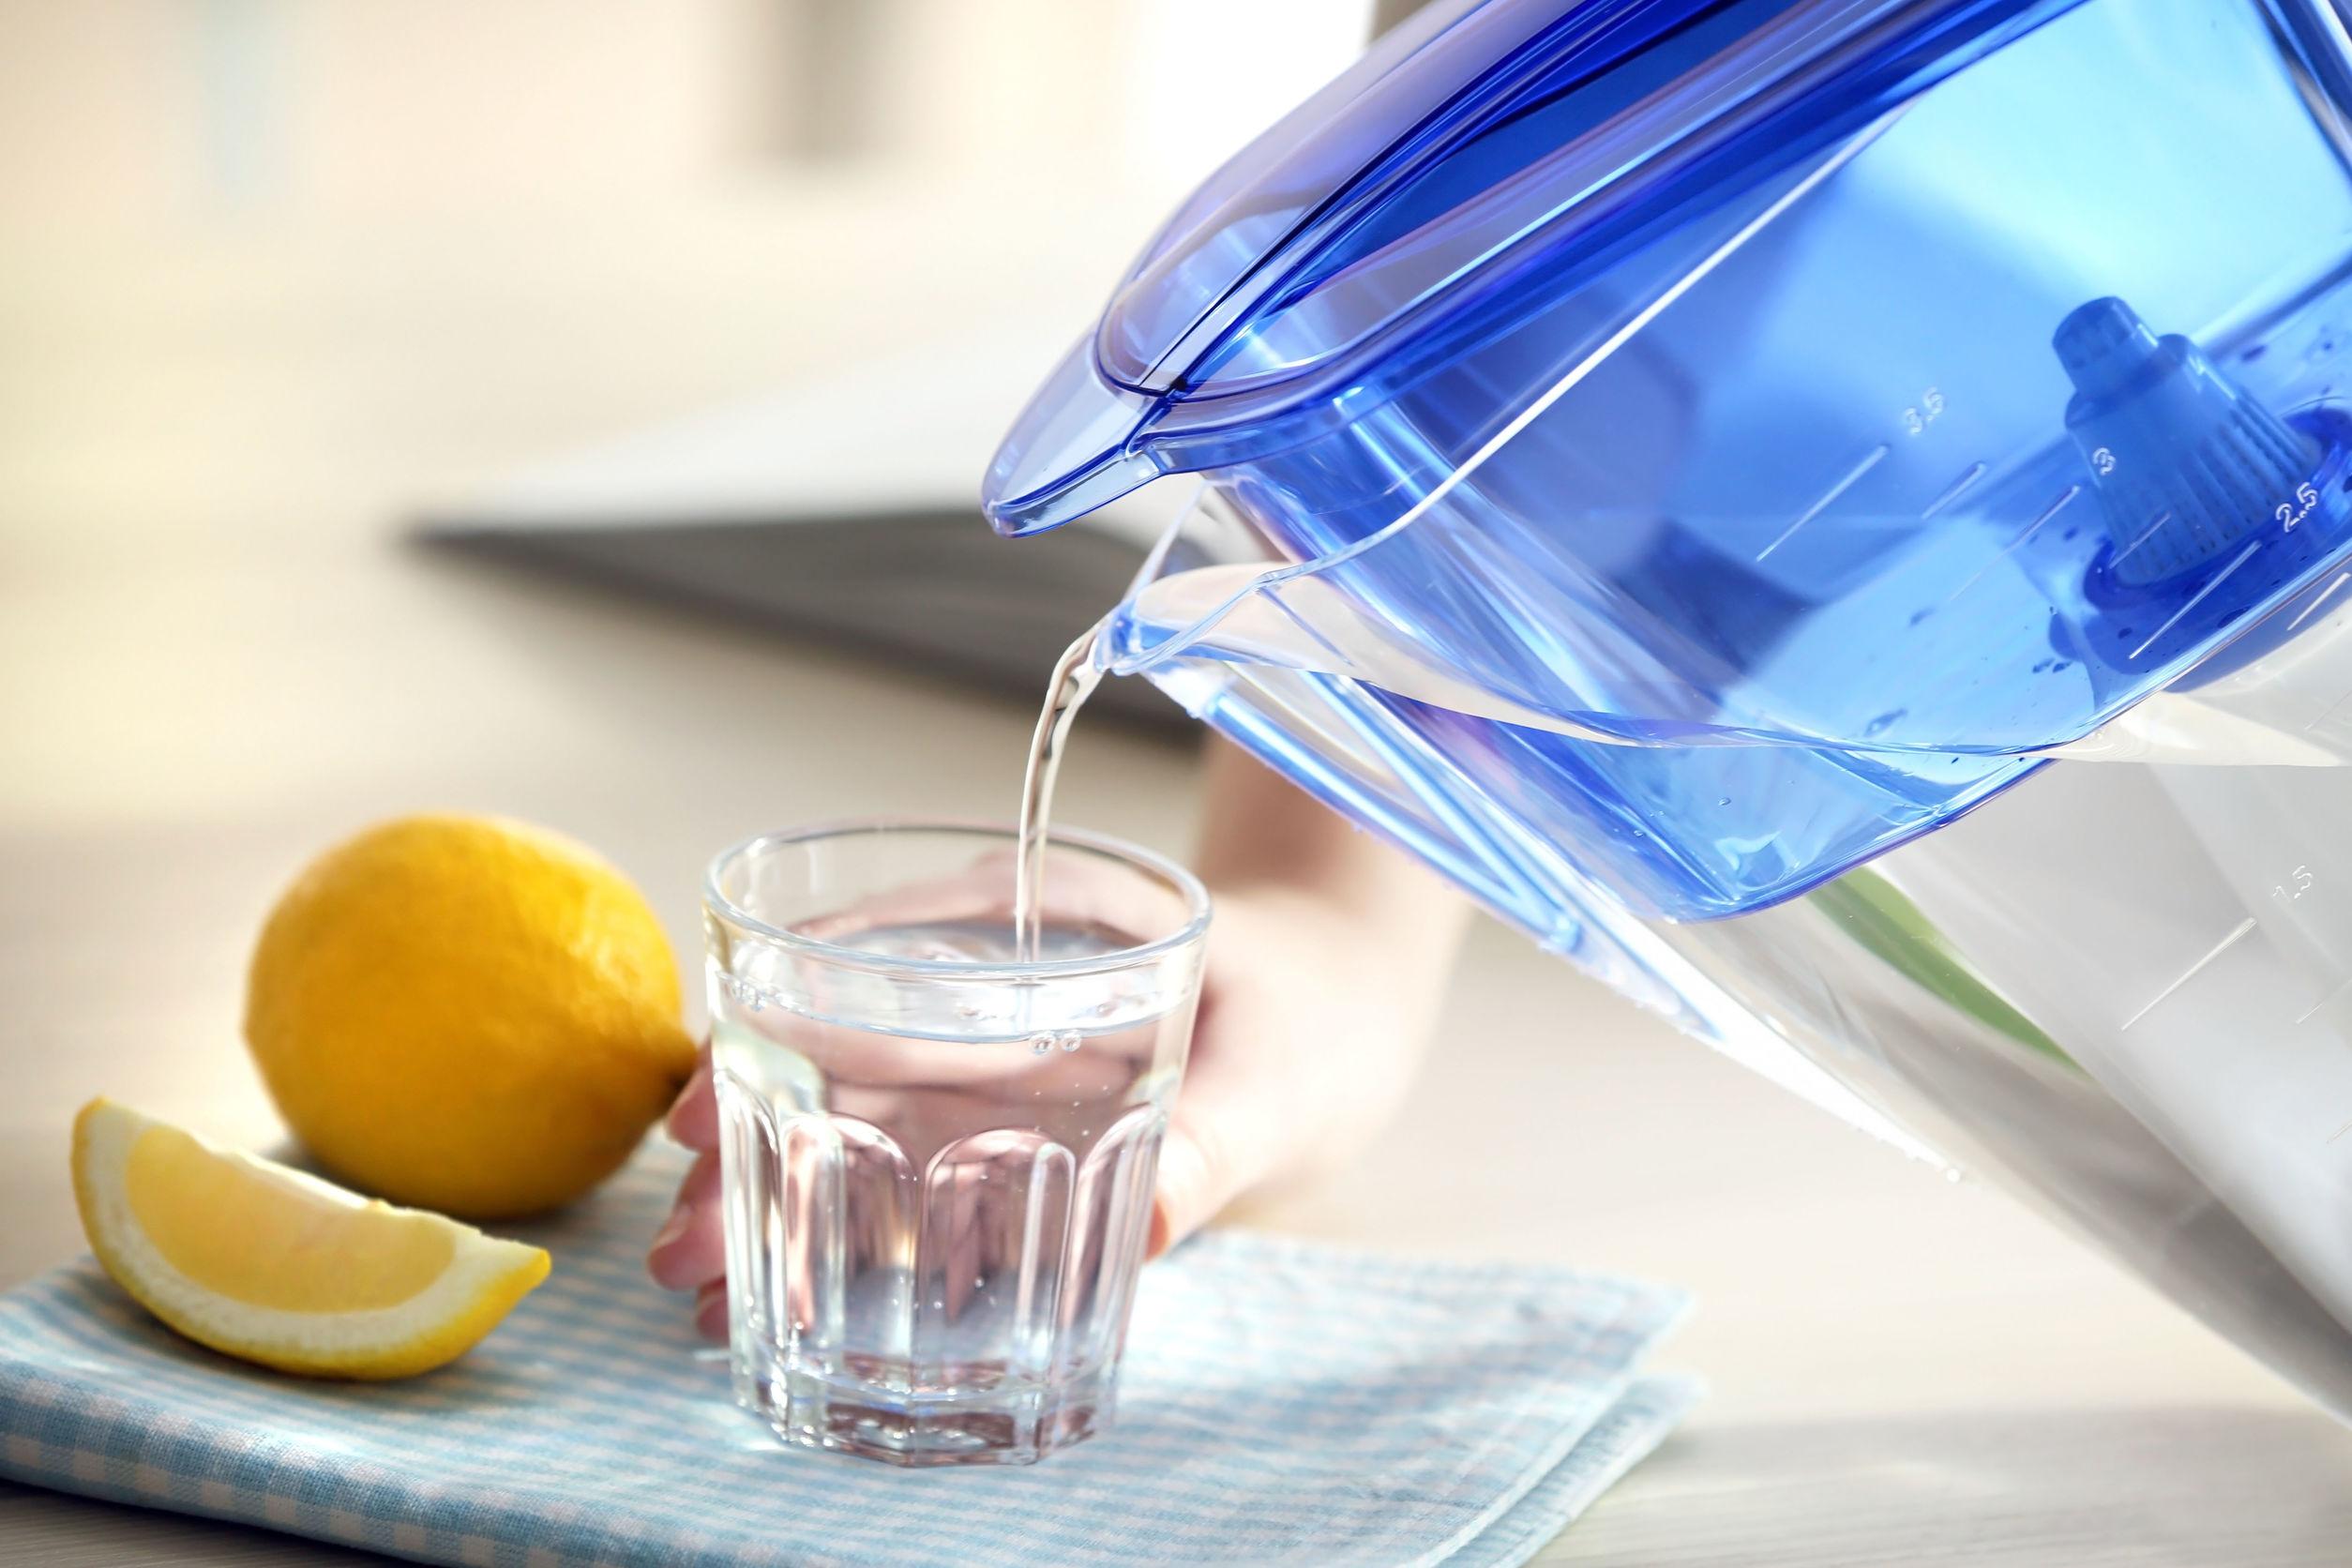 Jarra sirviendo agua en un vaso